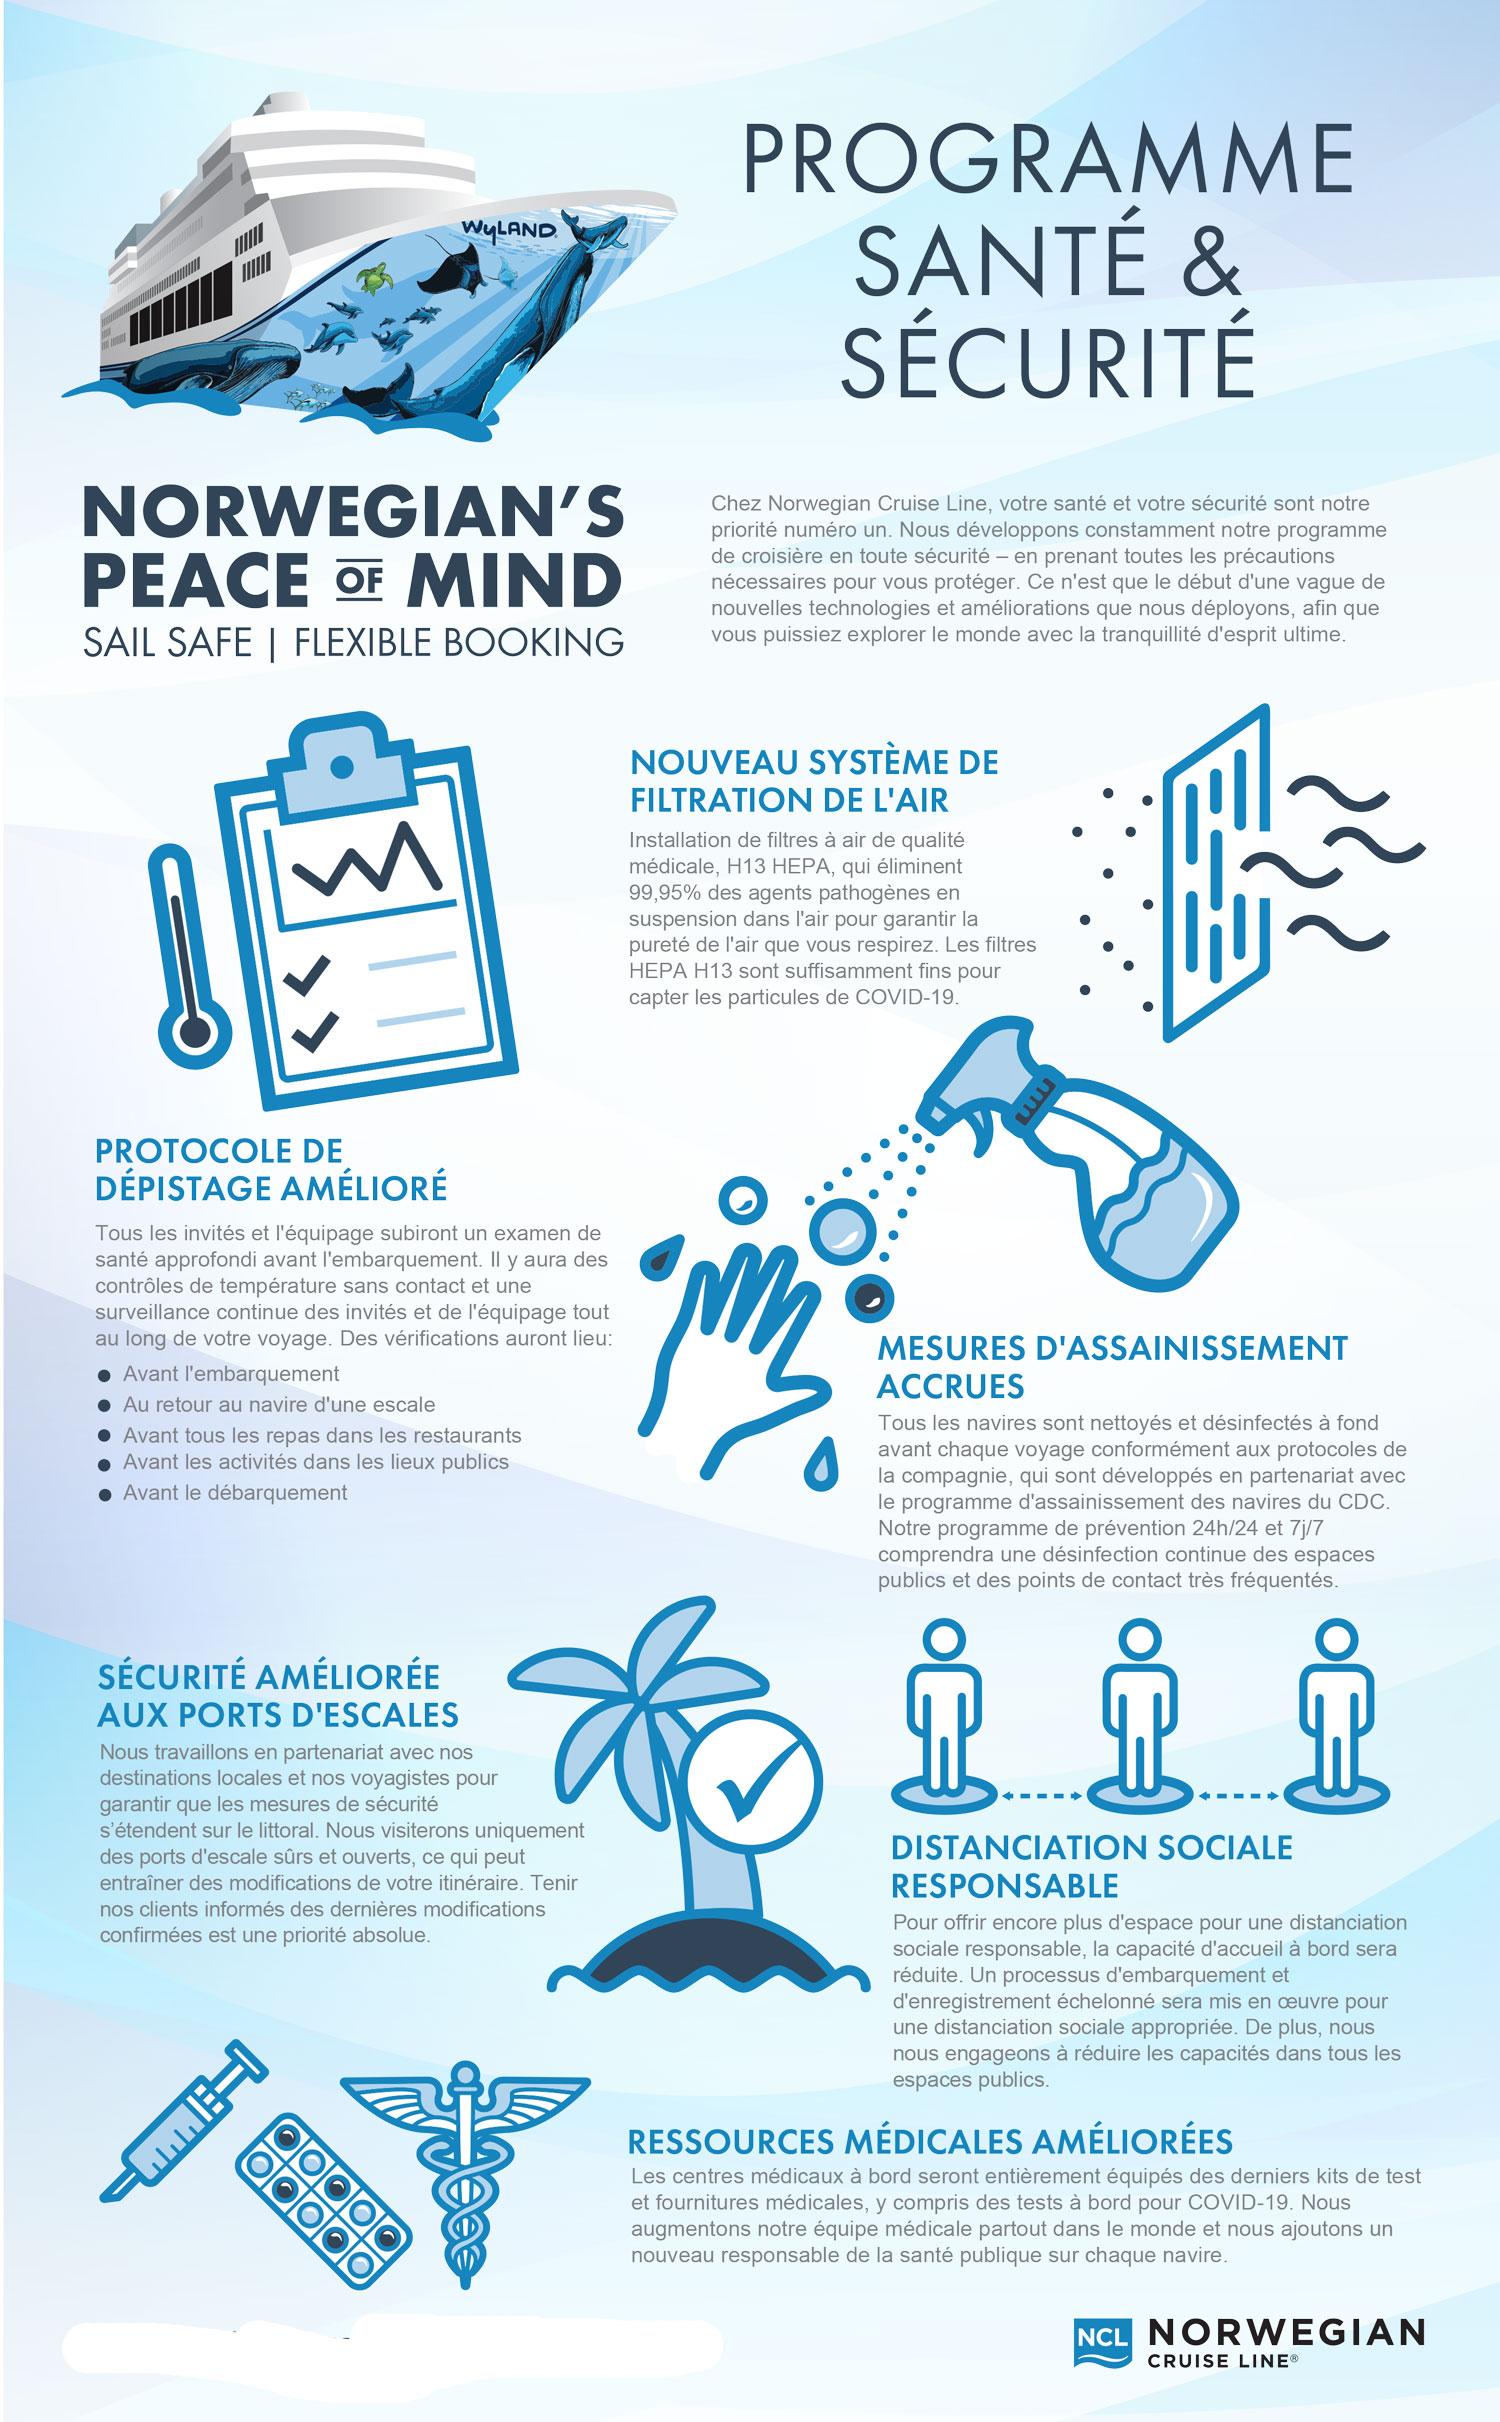 Norwegian Cruise Line - Programme Santé et Sécurité